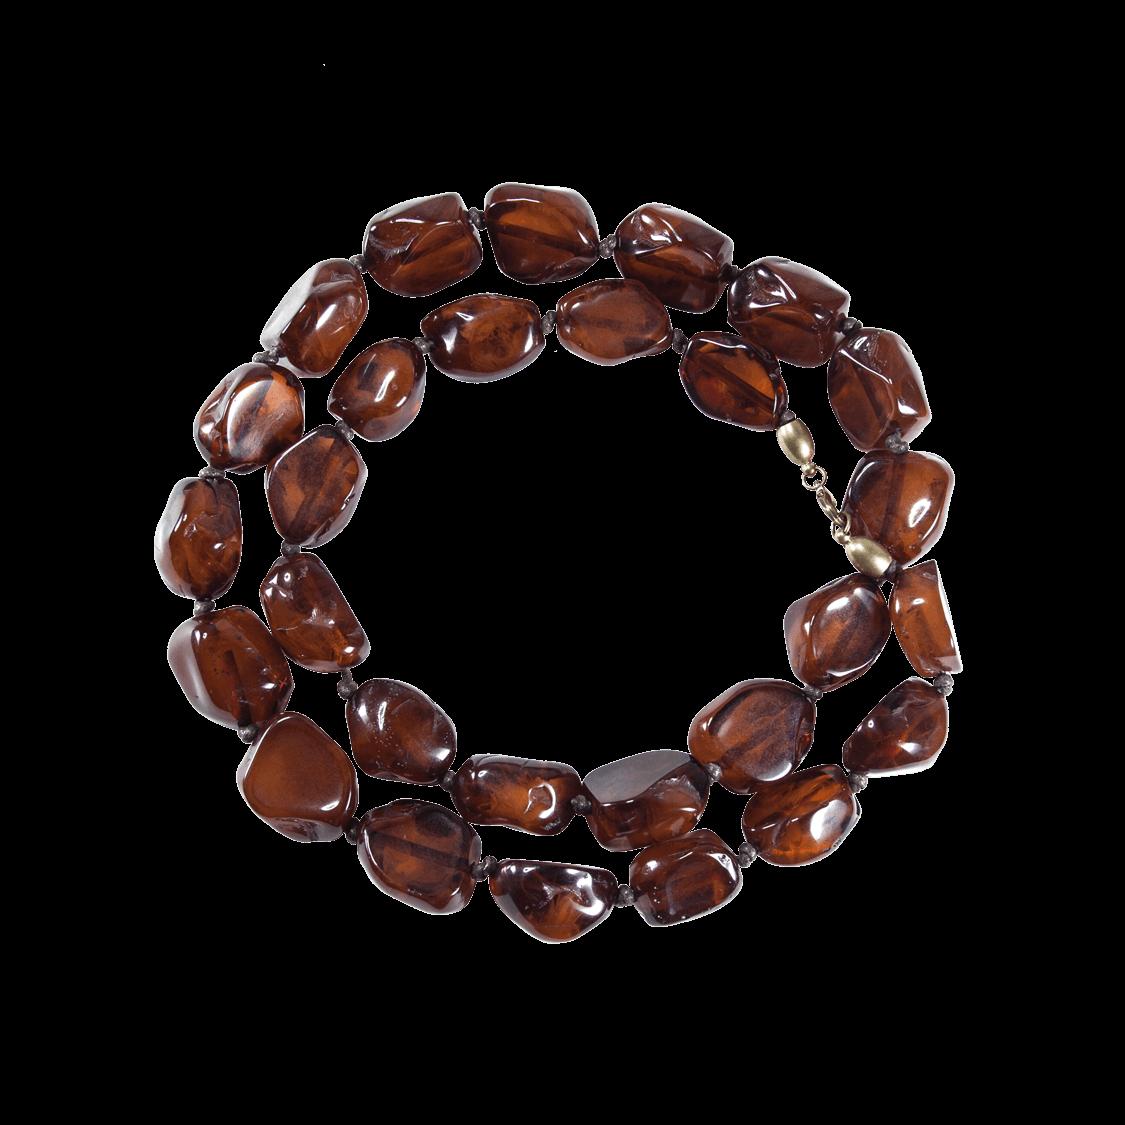 Collar de resina natural color marrón